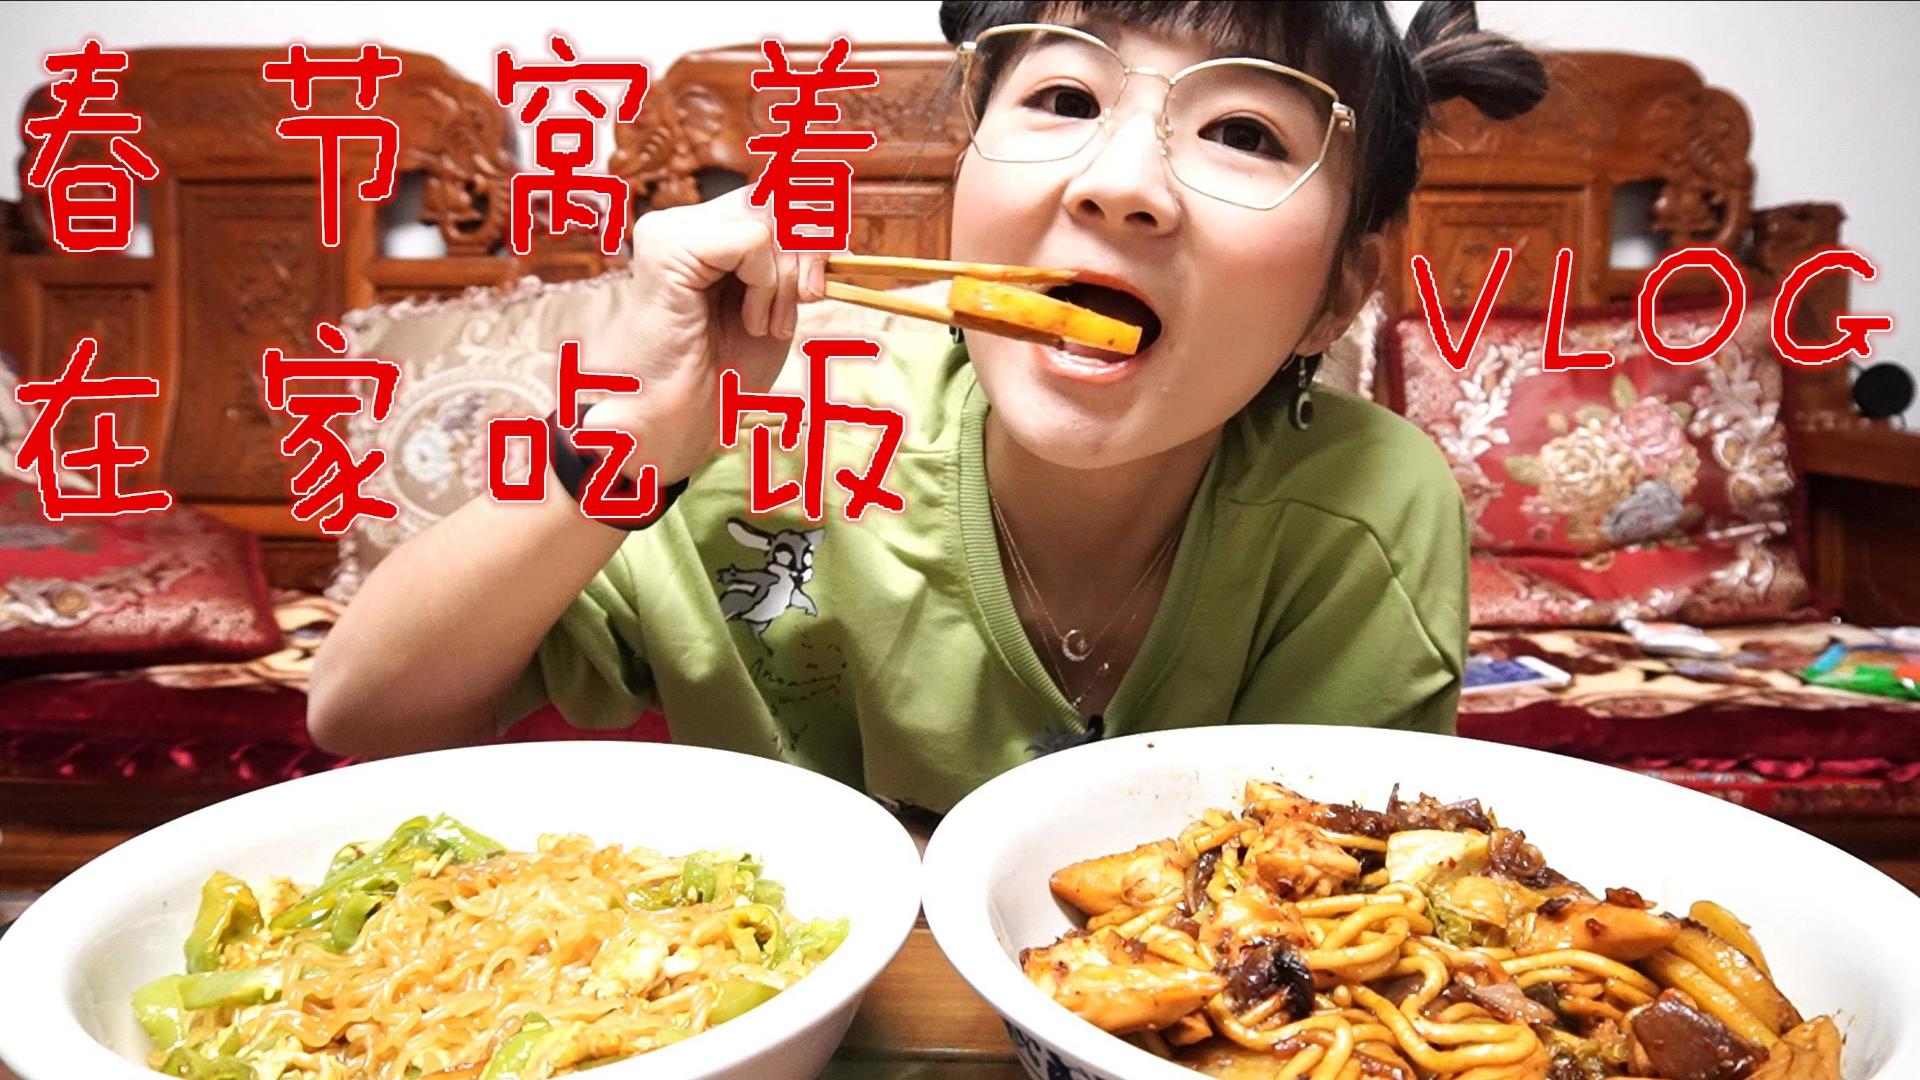 【小猪猪的vlog】在家窝着养猪的日子,吃一顿简单的晚餐